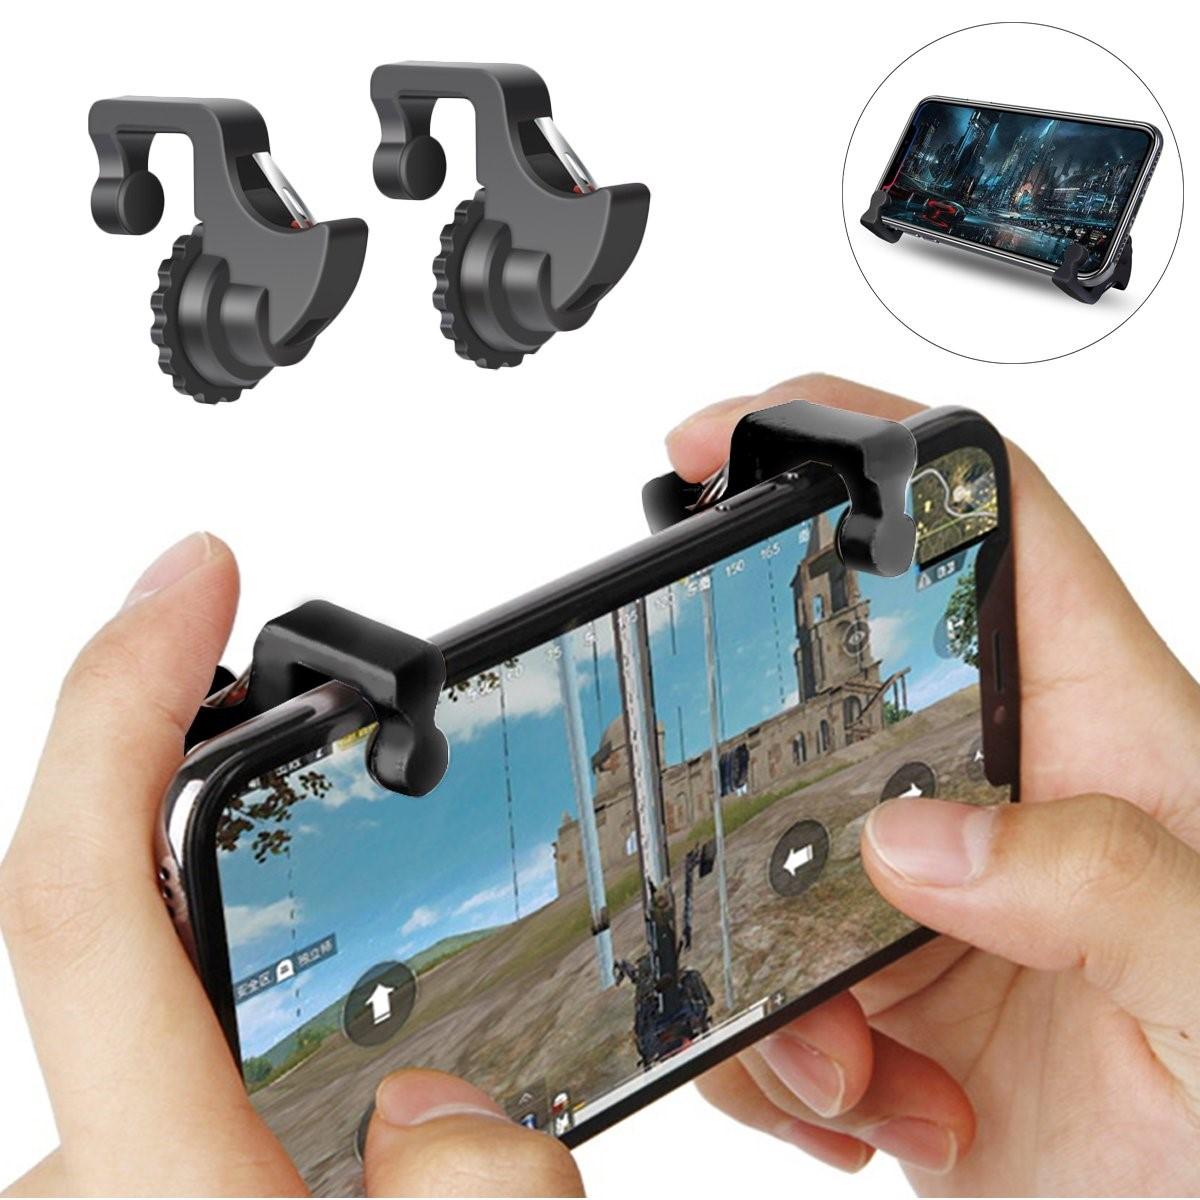 دسته بازی پابجی - دسته بازی پابجی یا گیم پد پابجی یا دسته گیم پابجی حالا بین گیمرها به یکی از لوازم جانبی ضروری گیمینگ موبایل بدل شده است.